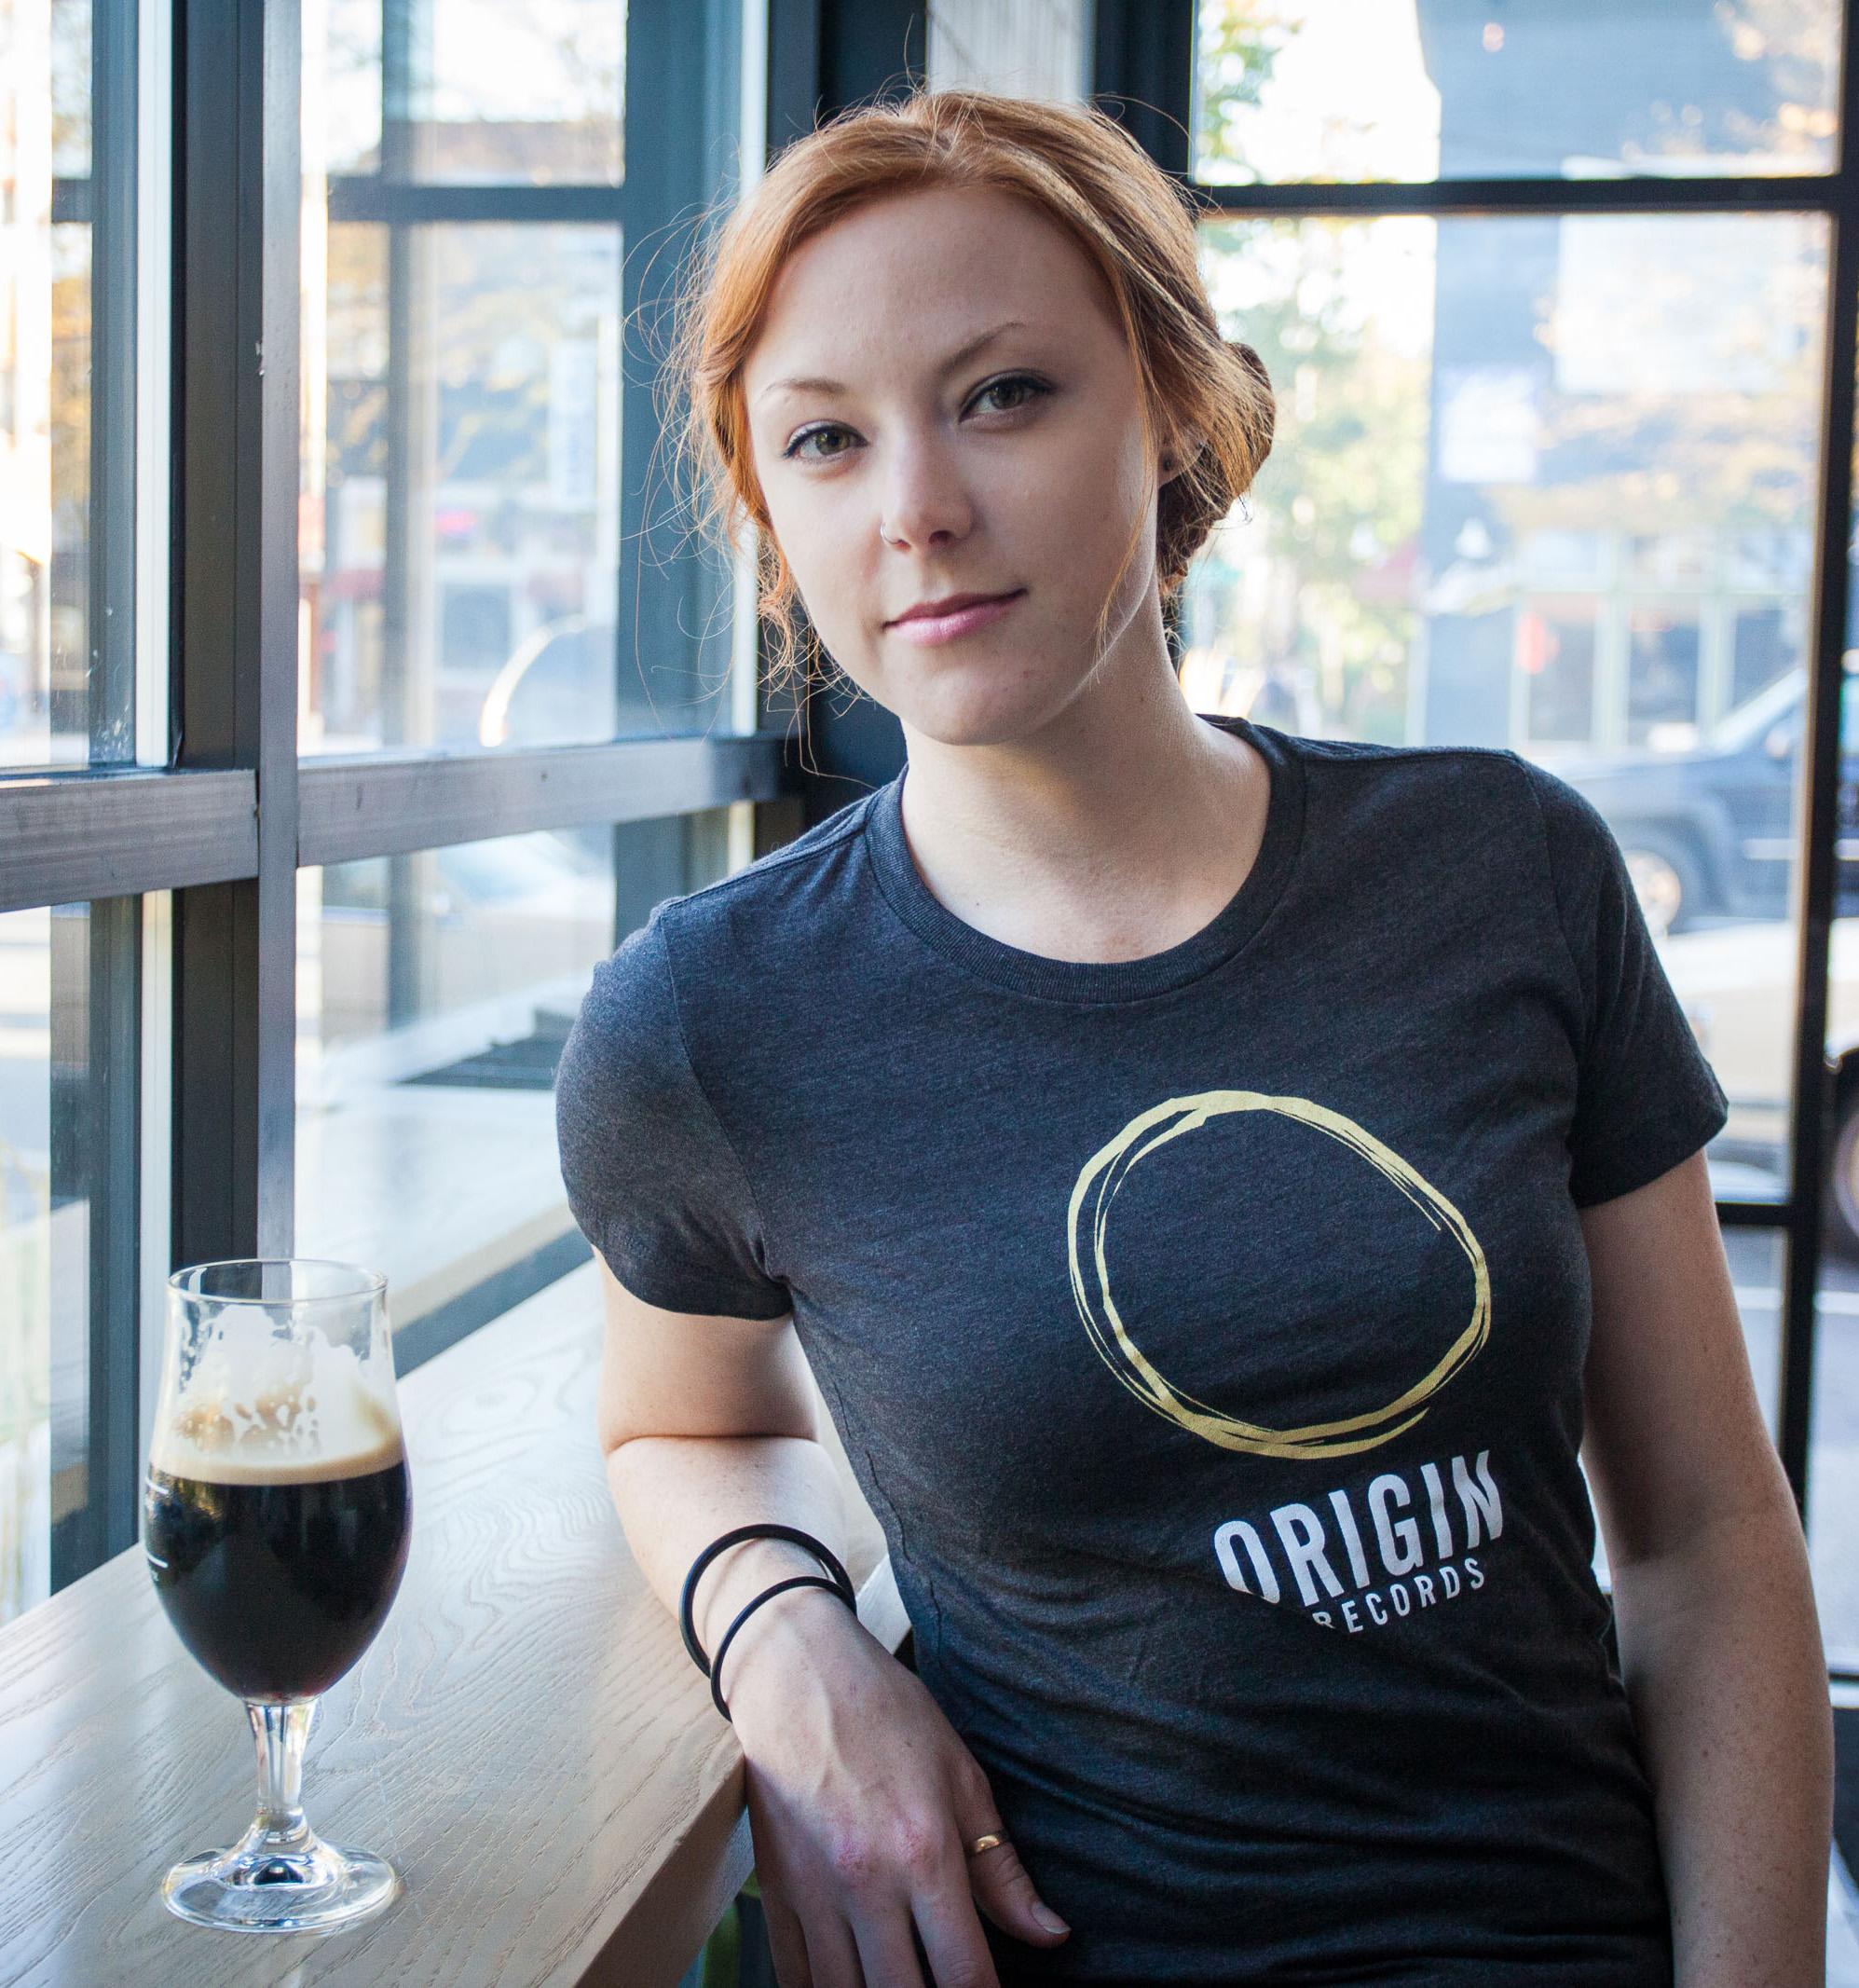 Origin Records T-Shirt